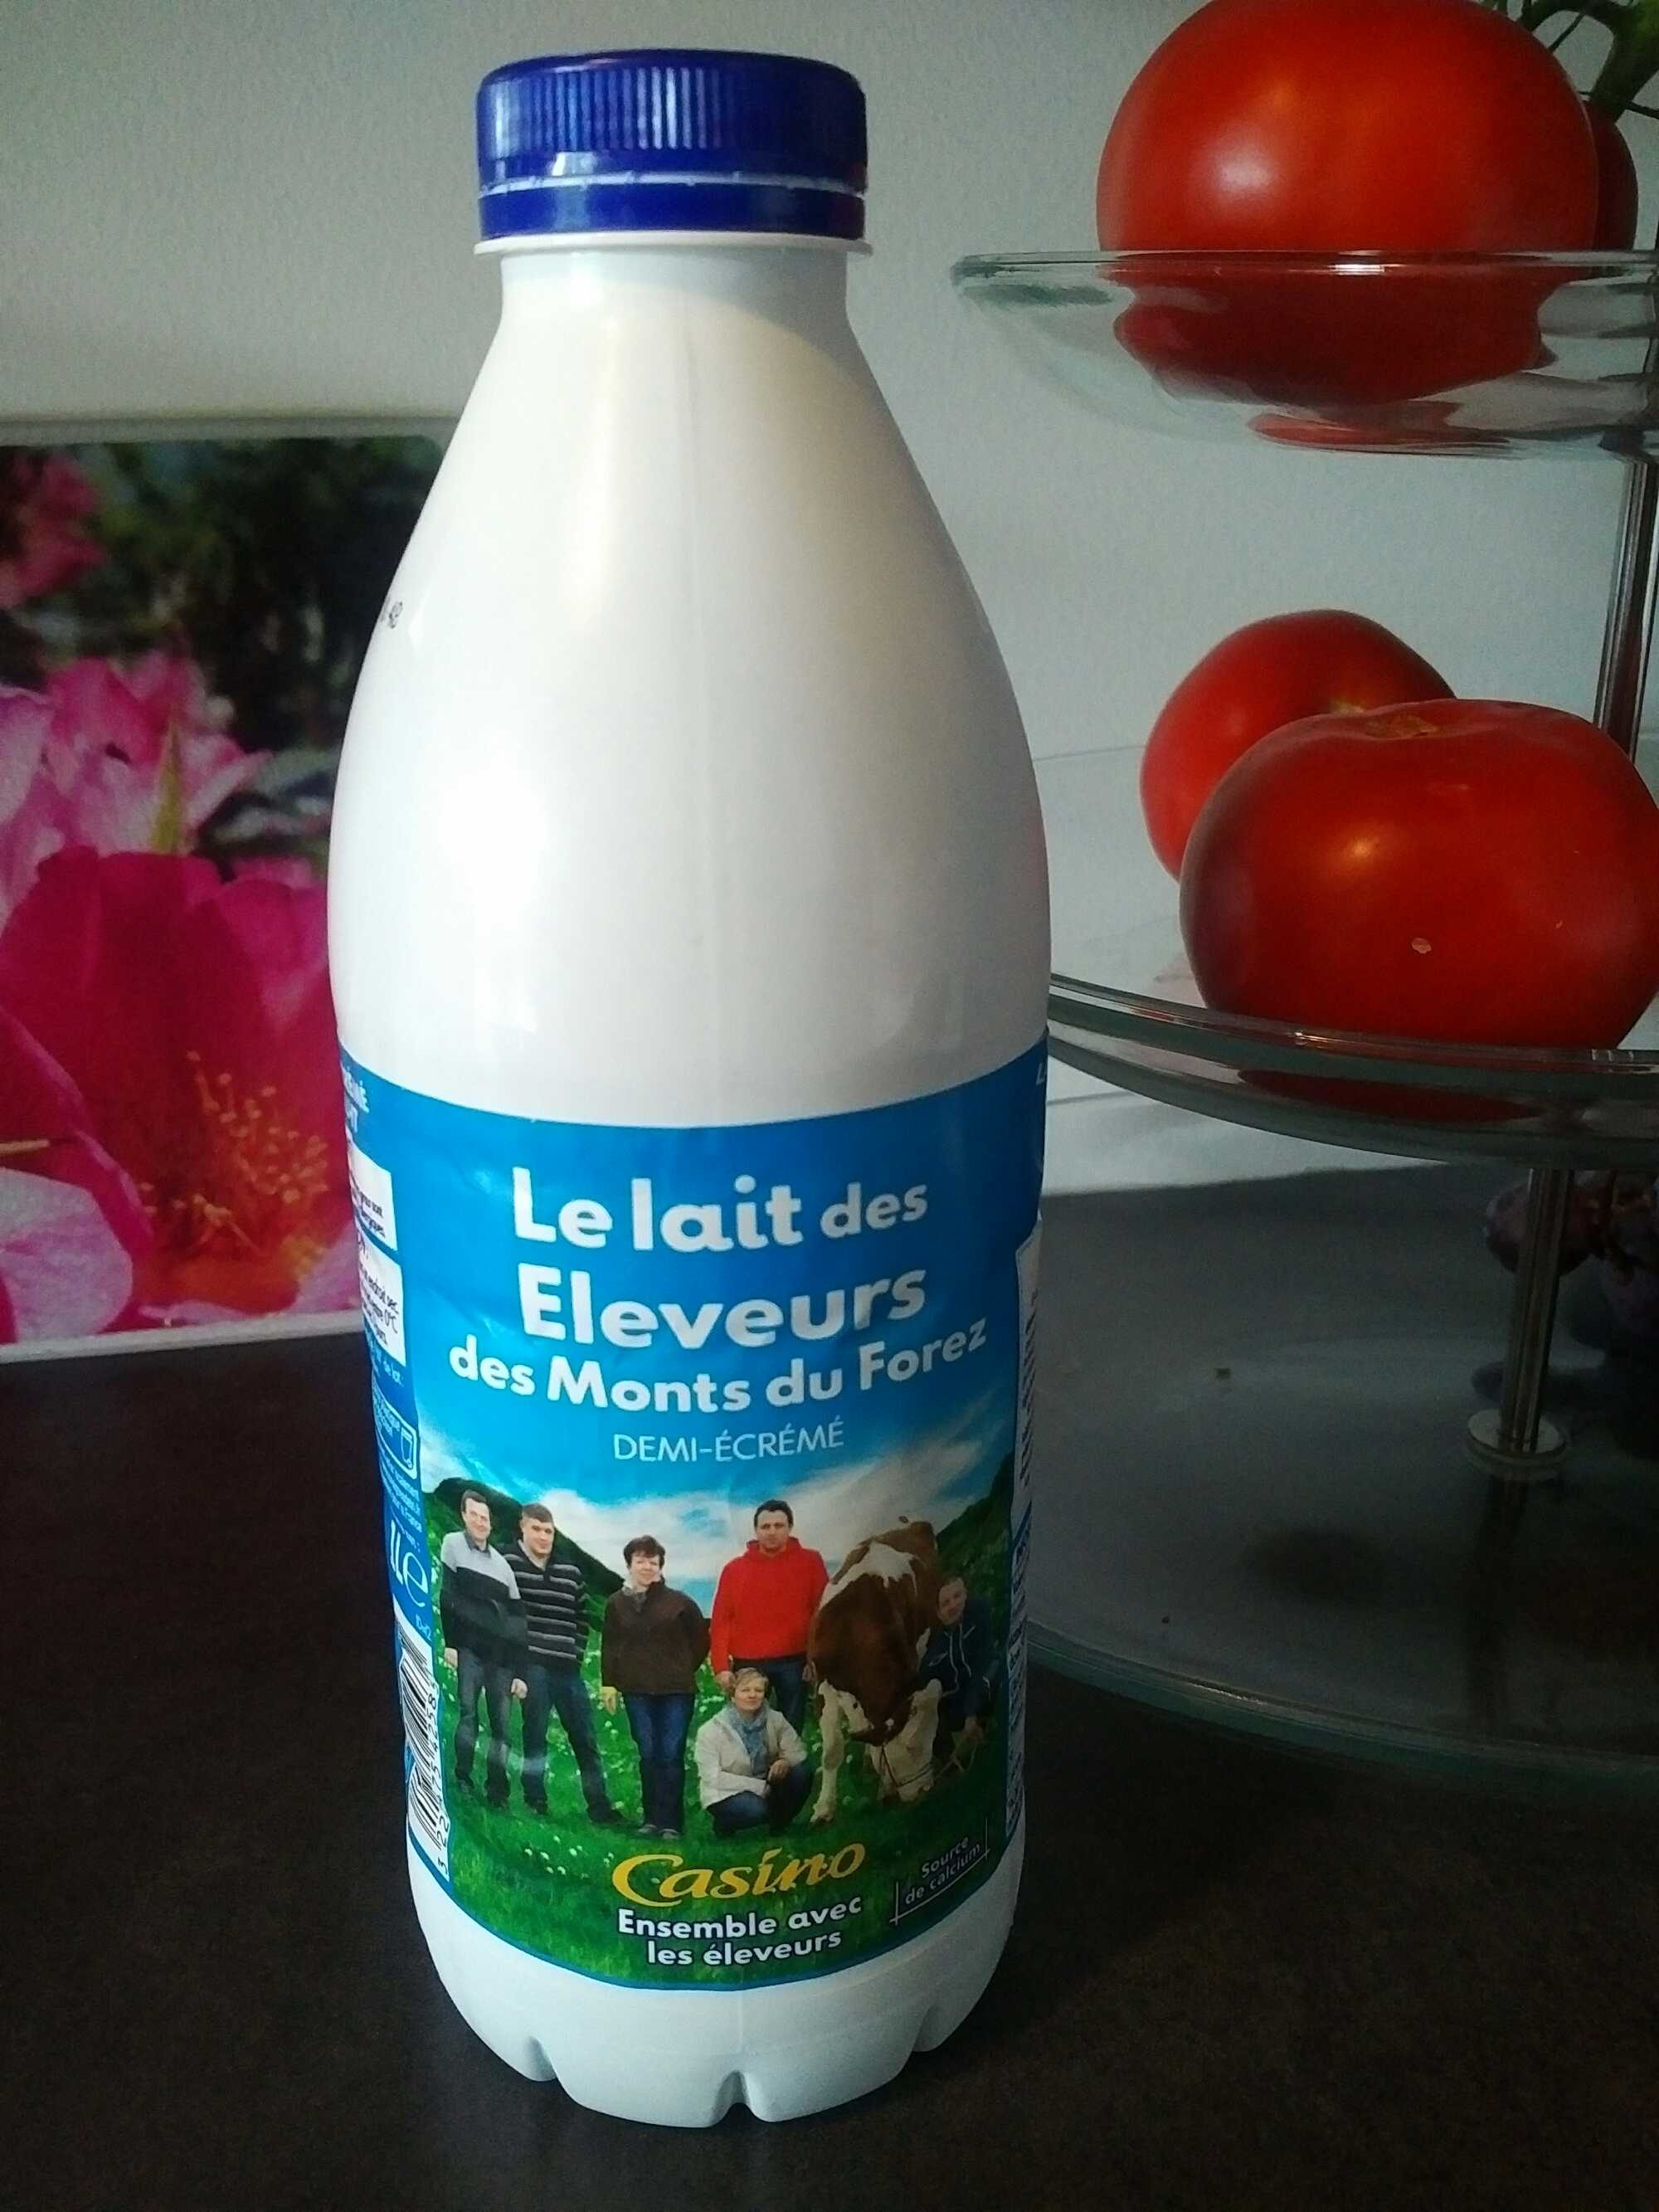 Le lait des Eleveurs des Monts du Forez Demi-Ecrémé - Produit - fr